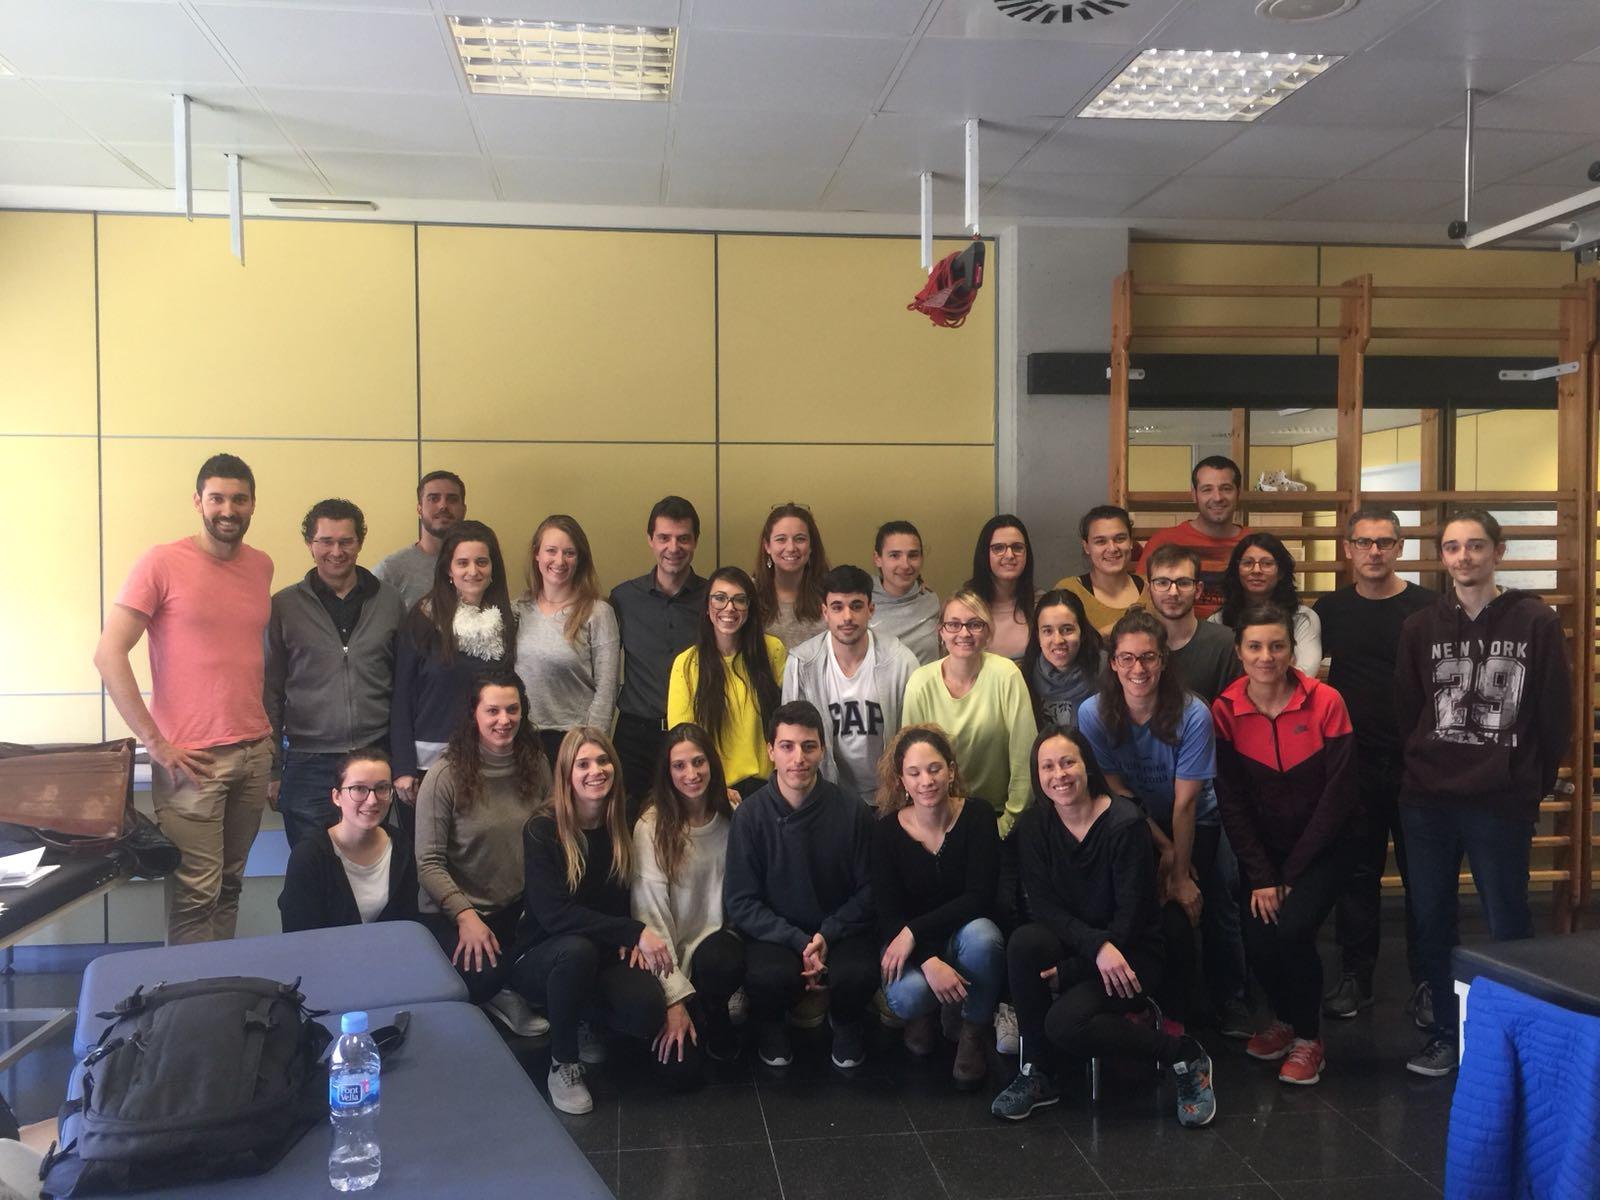 """Finalitza a EUSES la 5a edició del """"Curs d'abordatge fisioterapèutic de les lesions d'espatlla"""" dirigit pel professor Lluís Puig"""